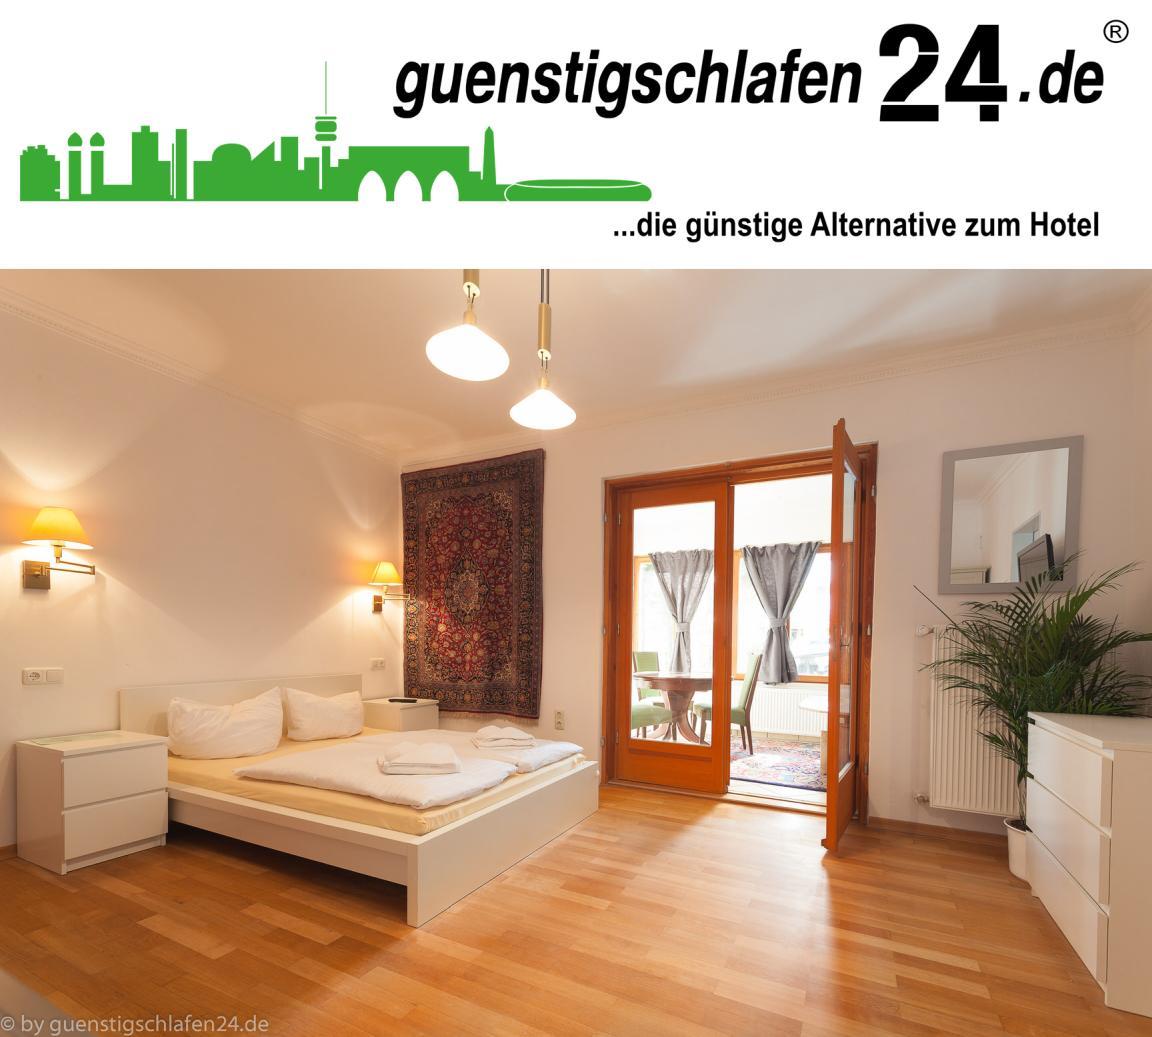 München: Pension guenstigschlafen24.de